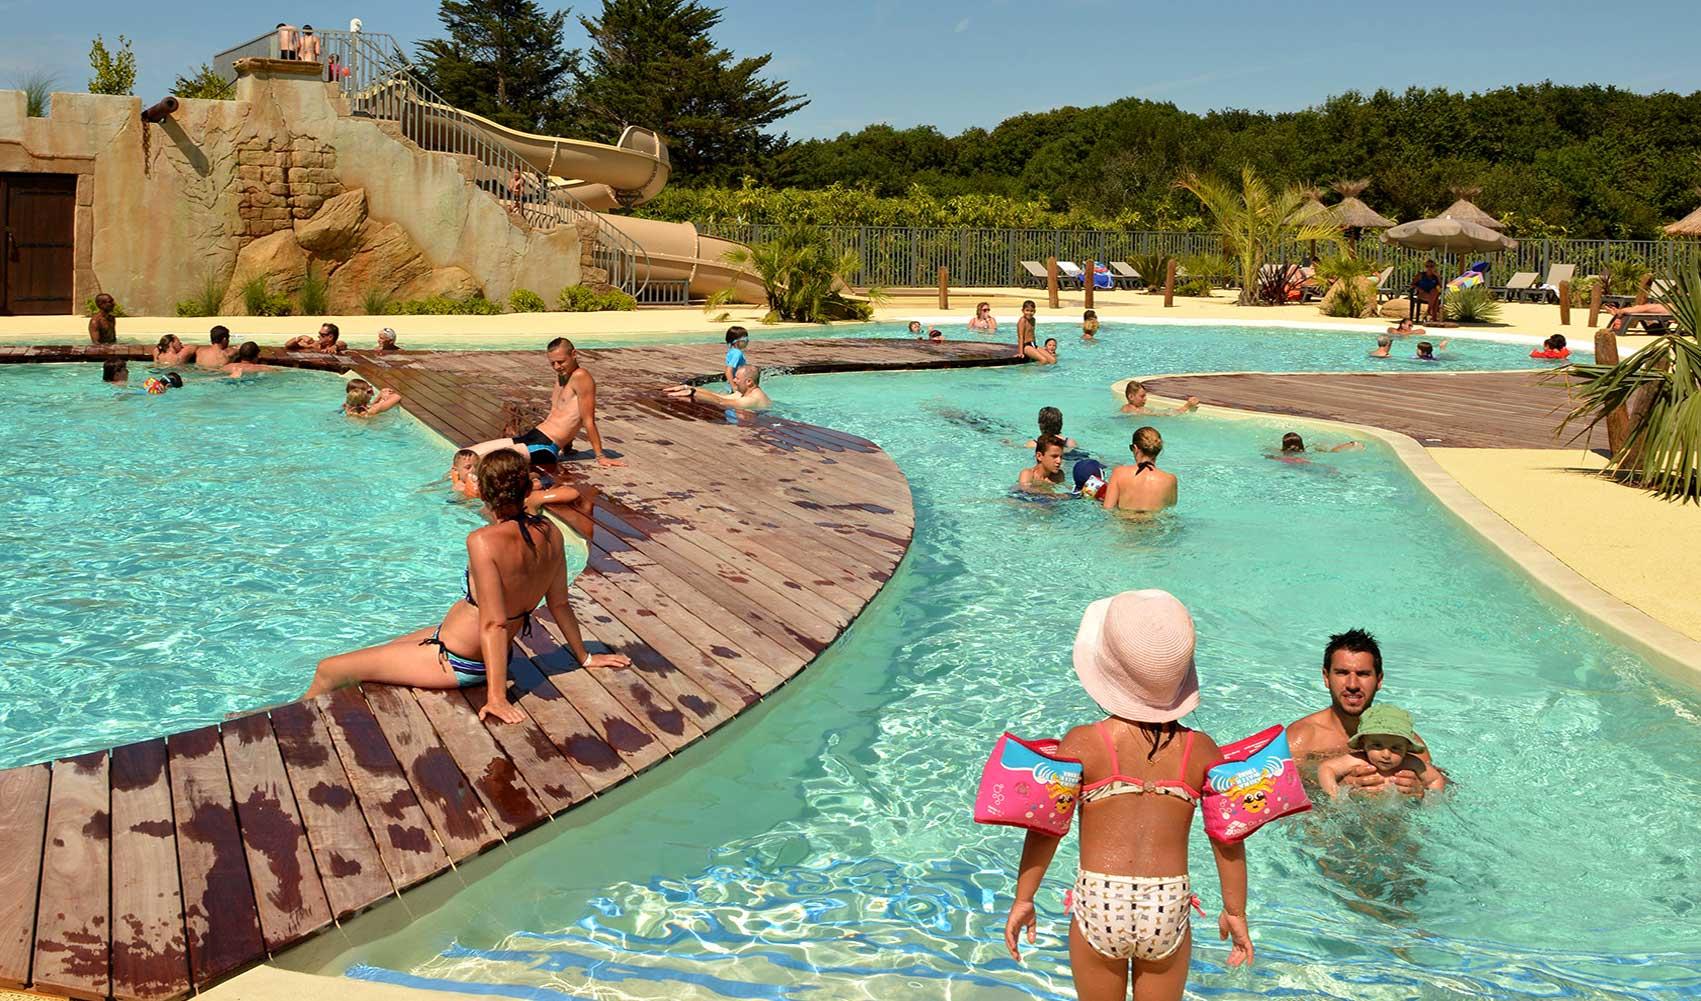 Camping Pays Basque Avec Parc Aquatique À Hendaye | Camping ... dedans Camping Hendaye Avec Piscine